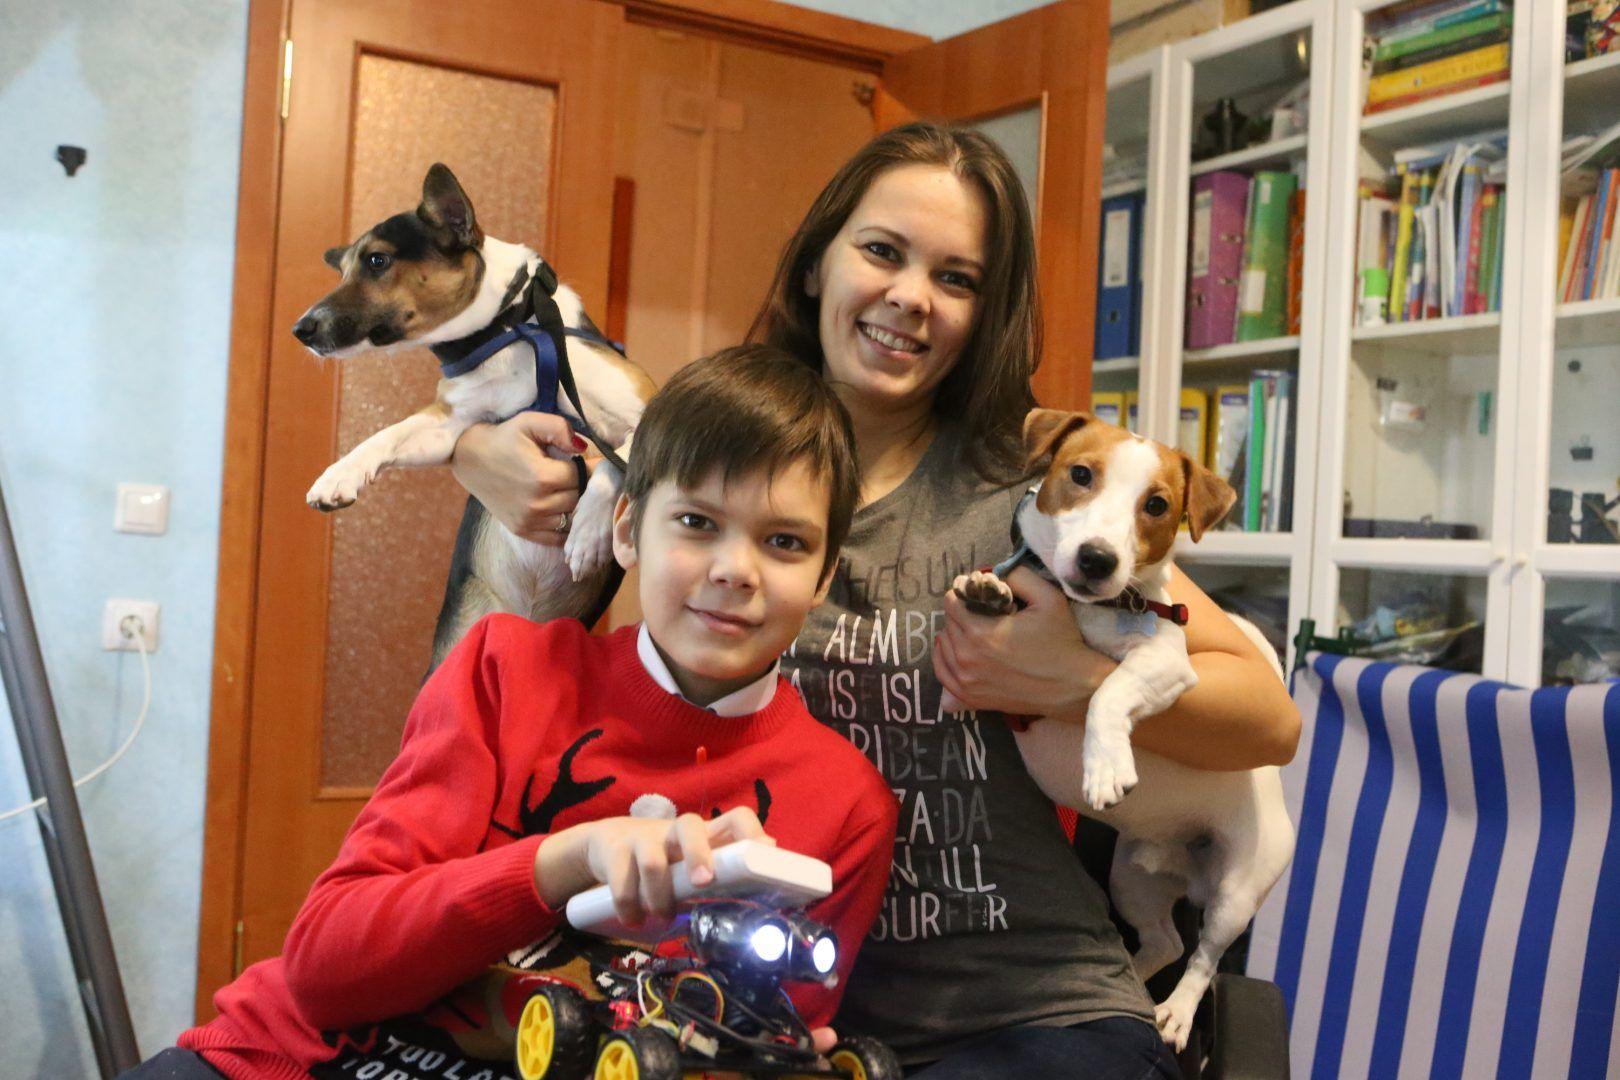 21 ноября 2018 года. Сосенское. Эдвард со своим роботом, мамой и собаками